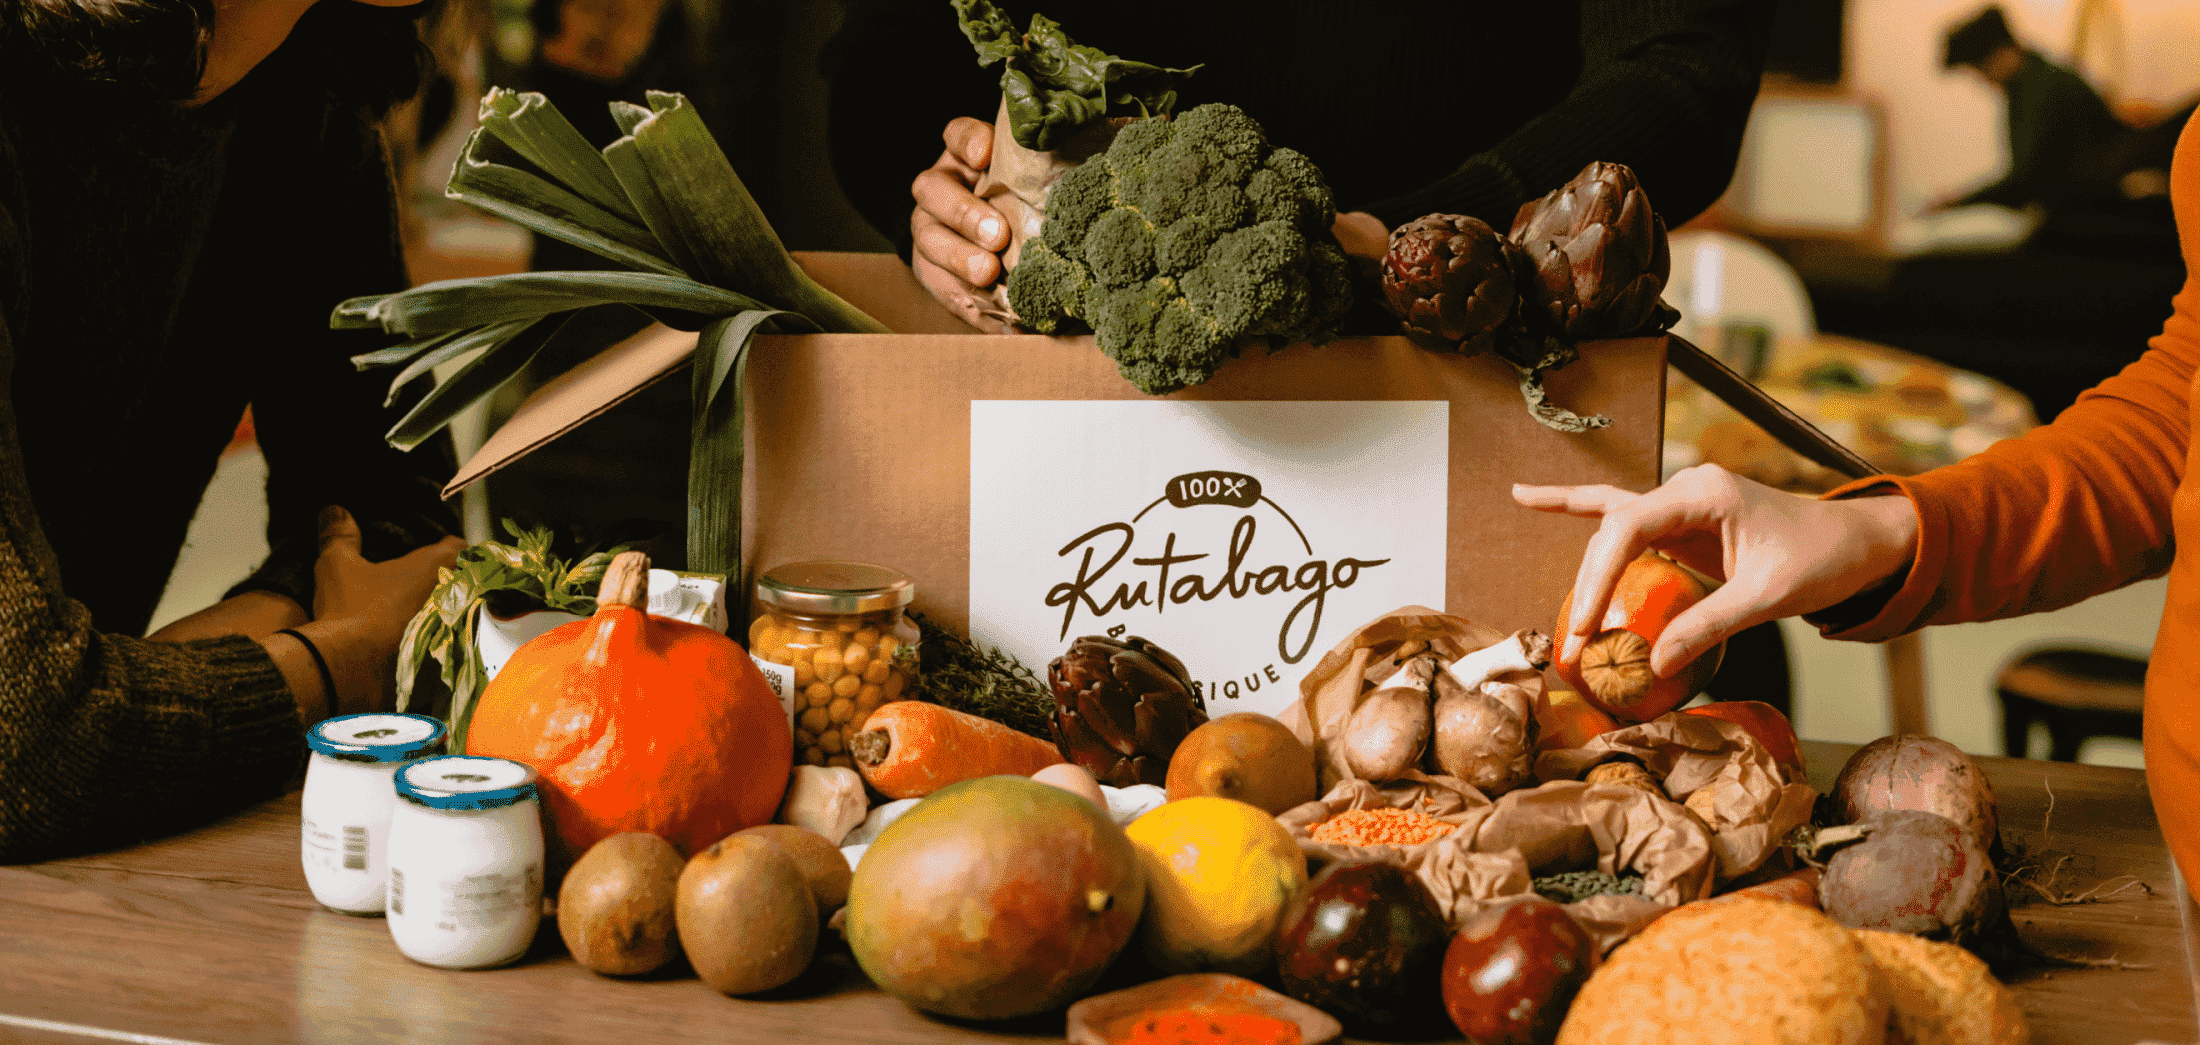 découverte box bio rutabago